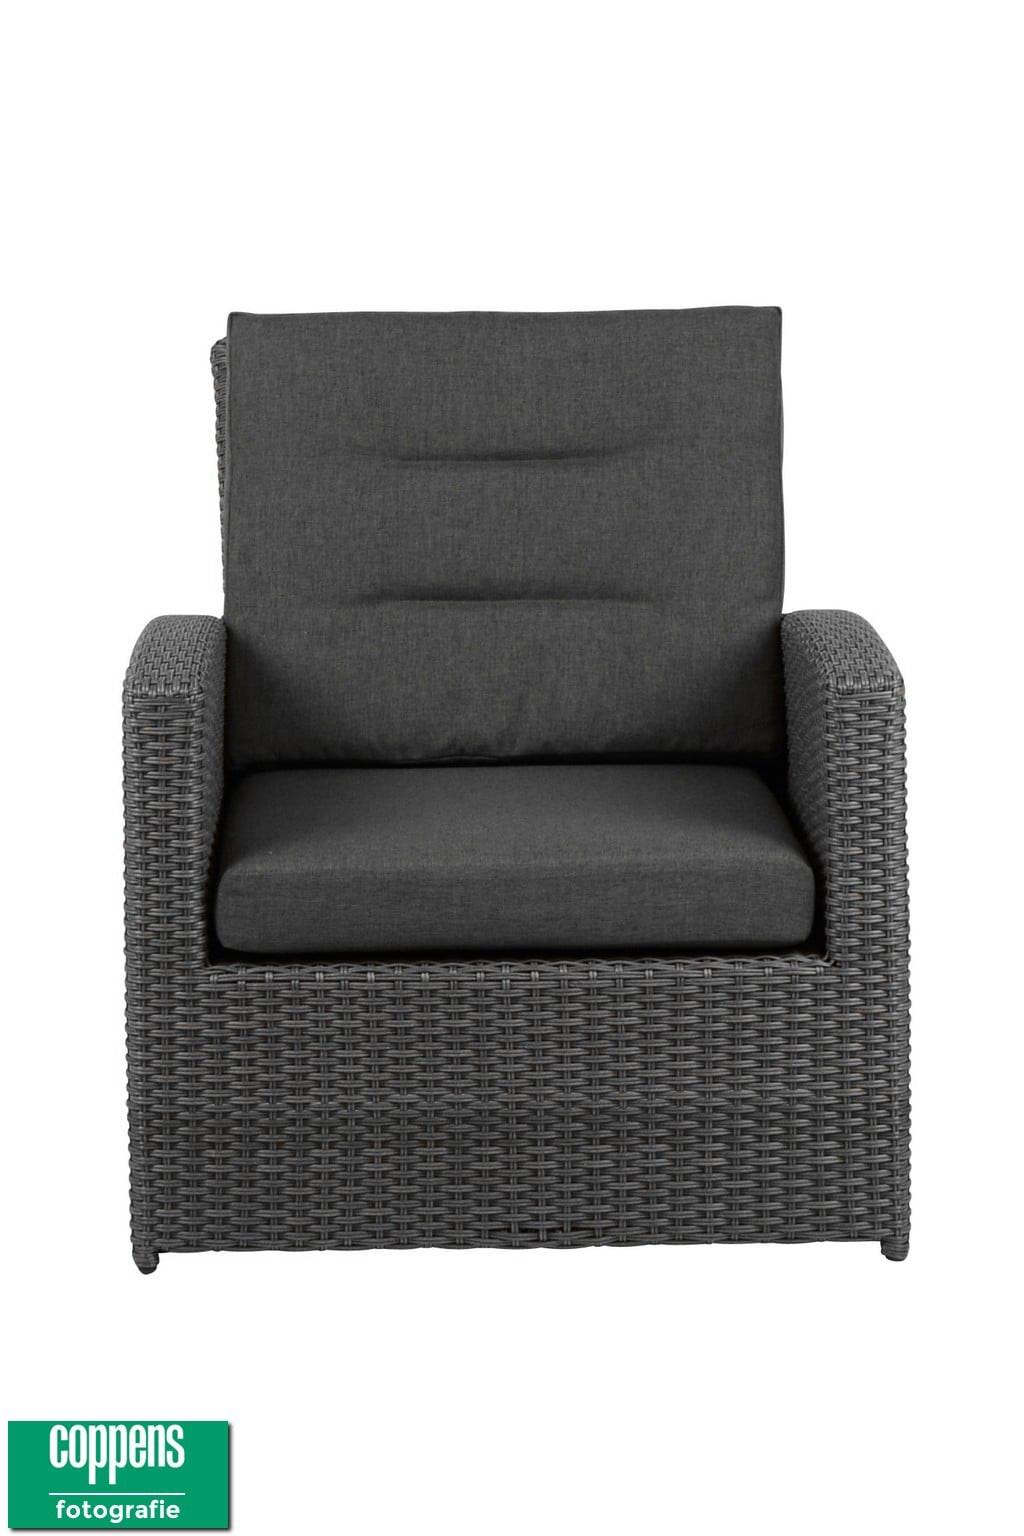 Exclusief Dubai lounge stoel antraciet